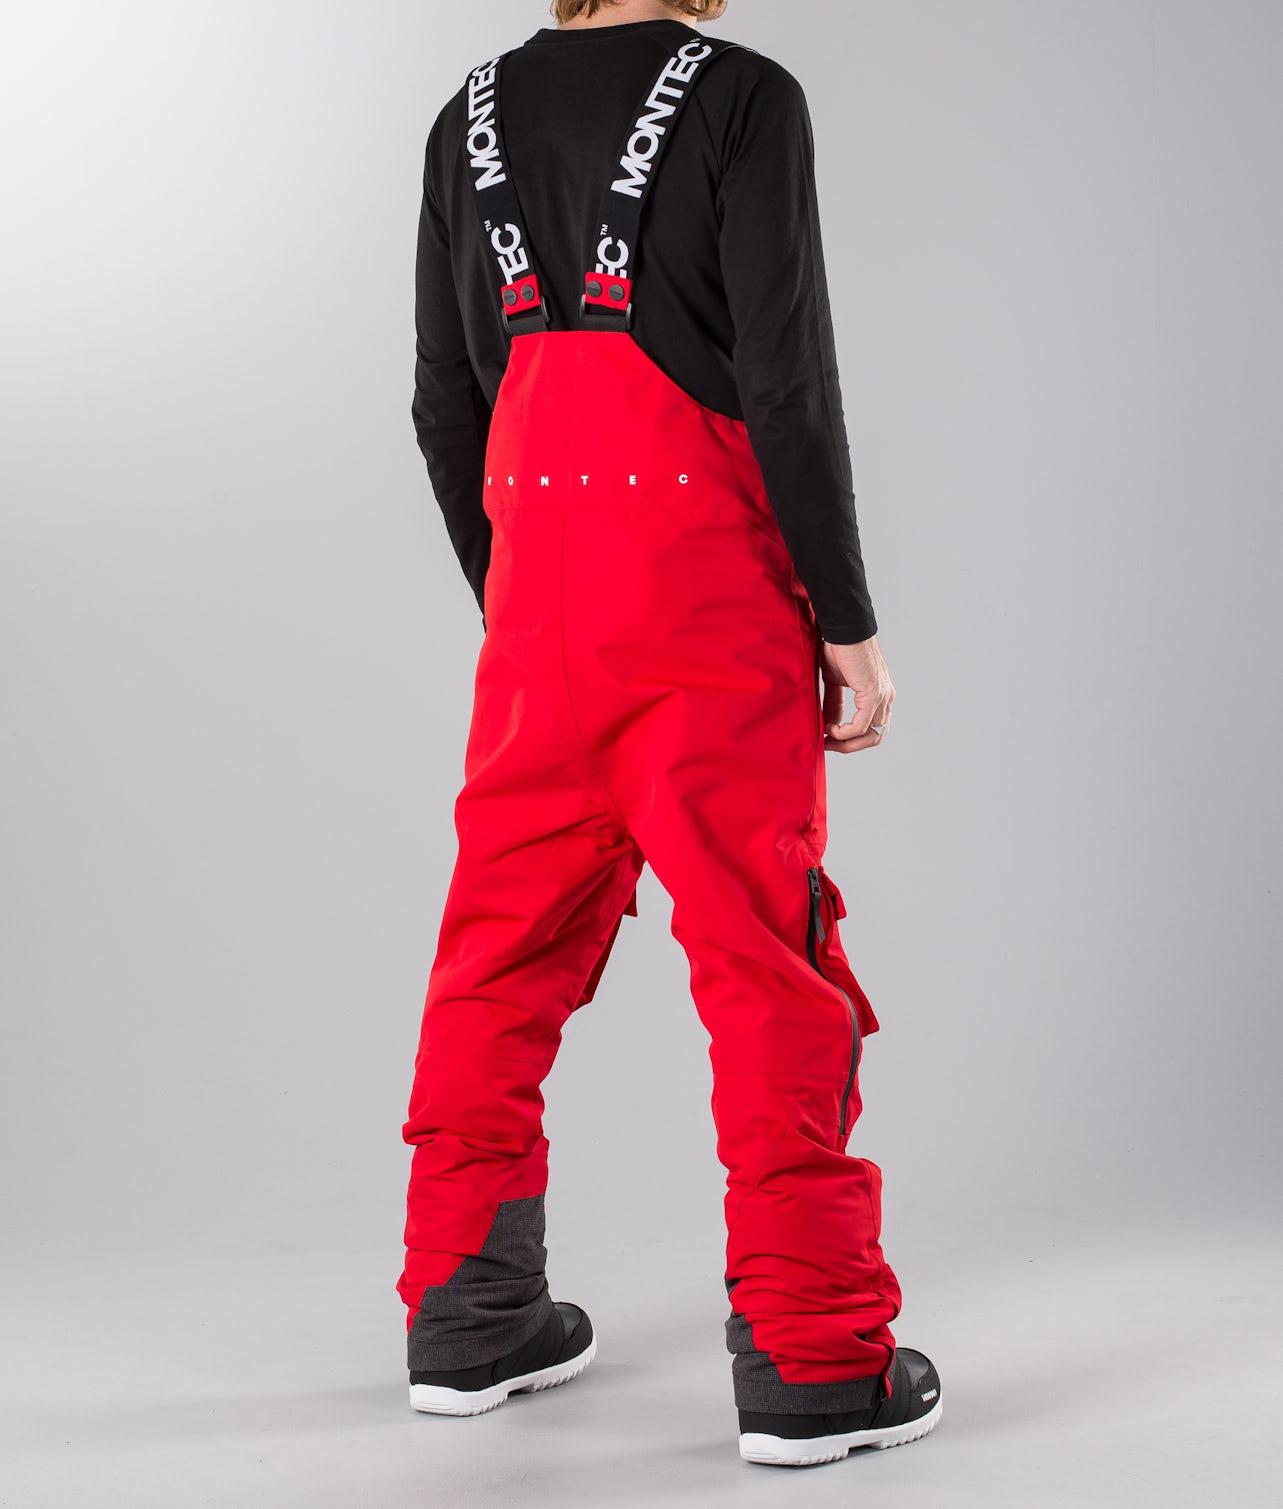 Kjøp Fawk Snøscooterbukse fra Montec på Ridestore.no - Hos oss har du alltid fri frakt, fri retur og 30 dagers åpent kjøp!